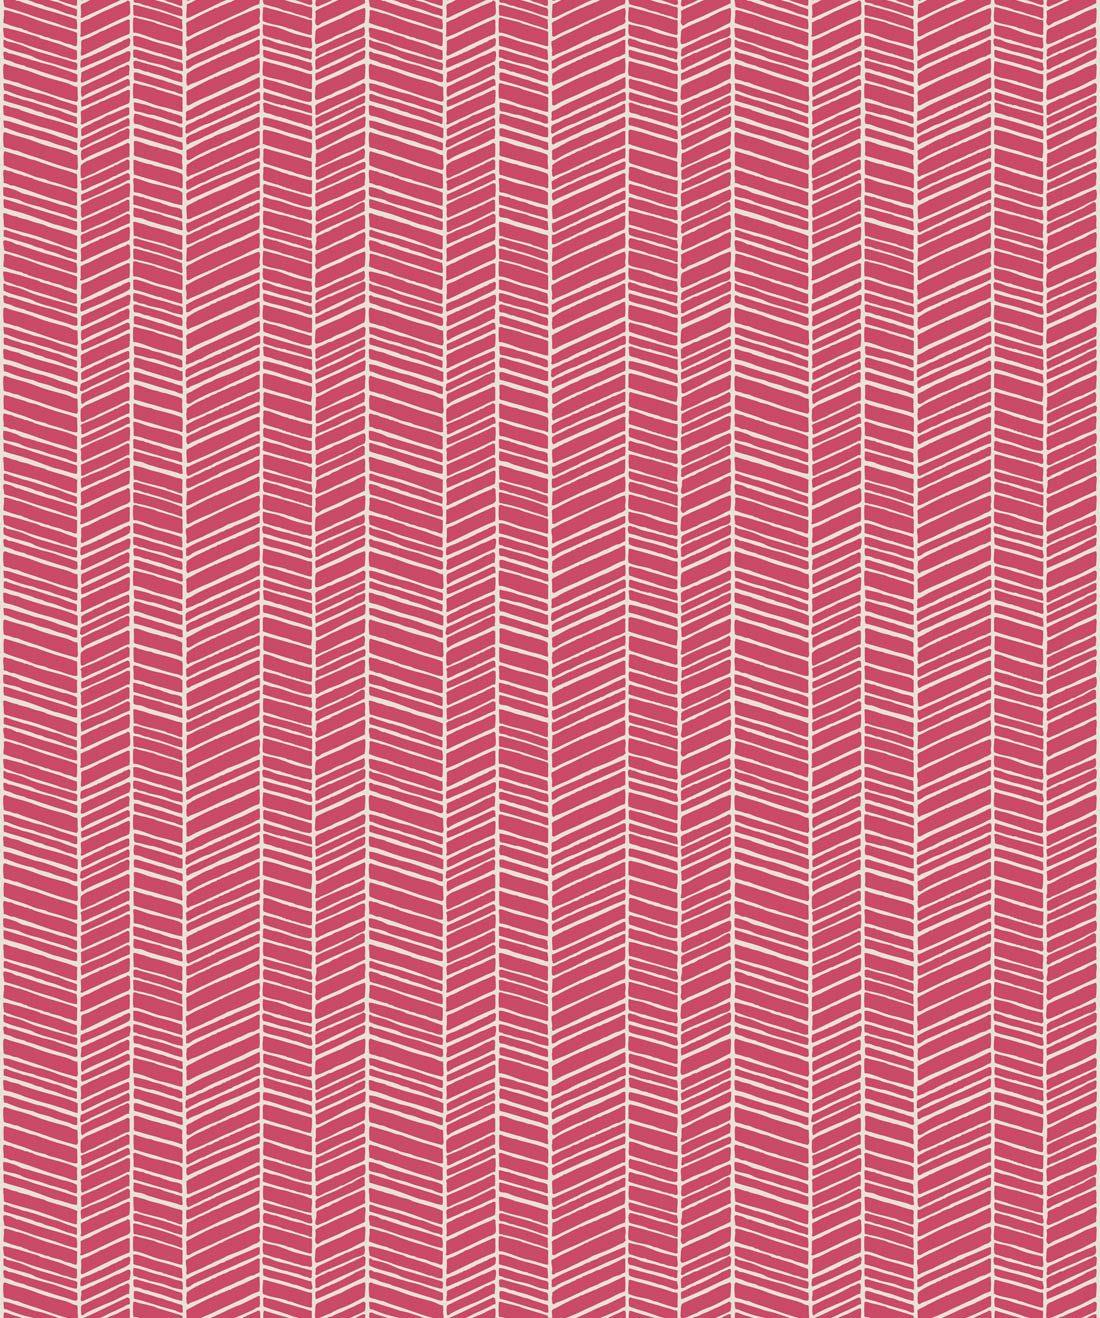 Herringbone Pink Quince Wallpaper